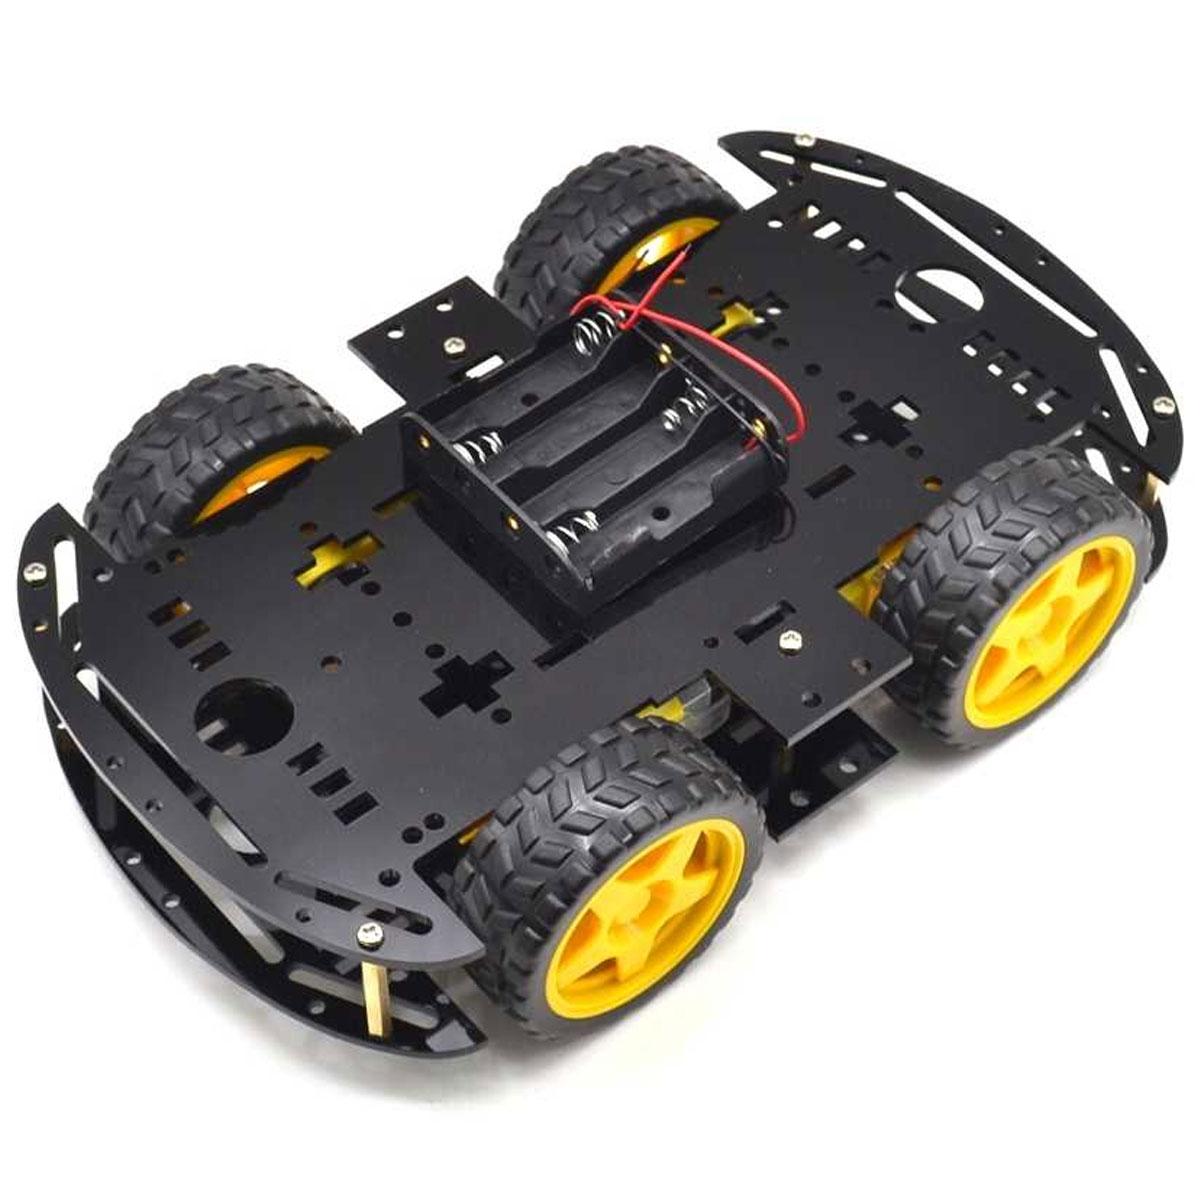 Kit Chassi 4WD 4 Rodas com Motores e Base Preta de Acrílico 3mm